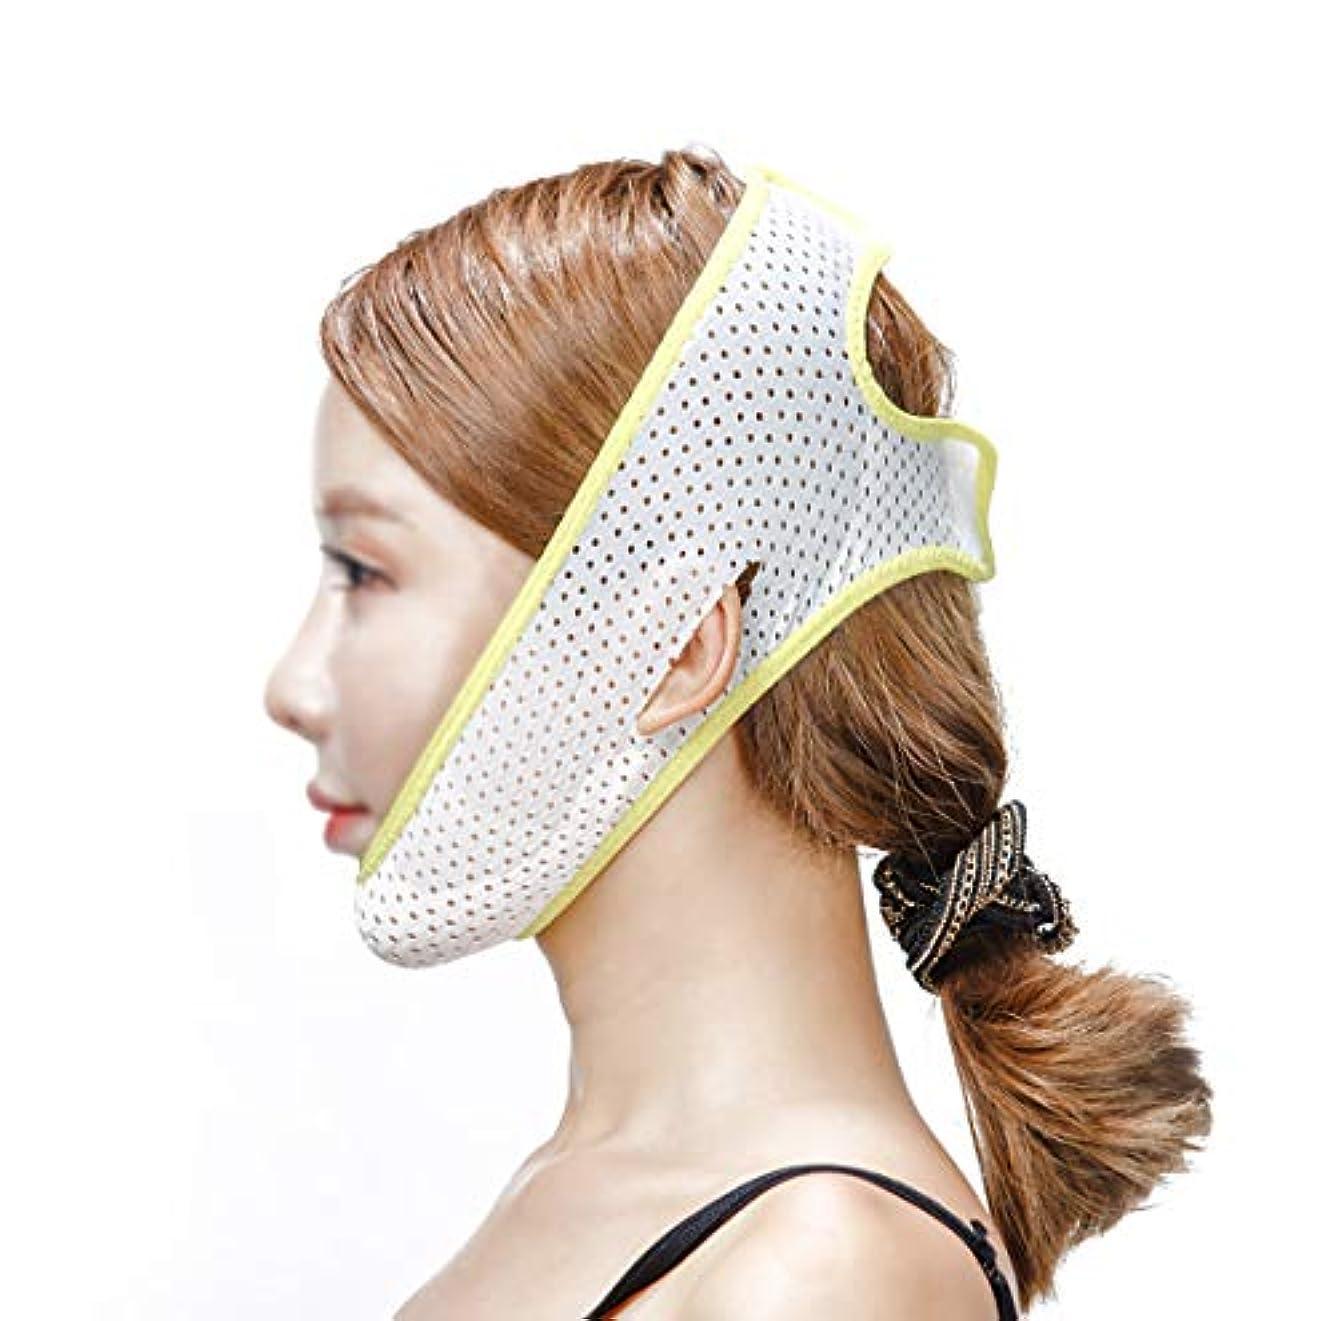 対称枠スイス人フェイスリフトマスク、あごストラップ回復包帯睡眠薄いフェイス包帯薄いフェイスマスクフェイスリフトアーチファクトフェイスリフト美容マスク包帯で小さなvの顔を強化する (Color : Yellow and white)